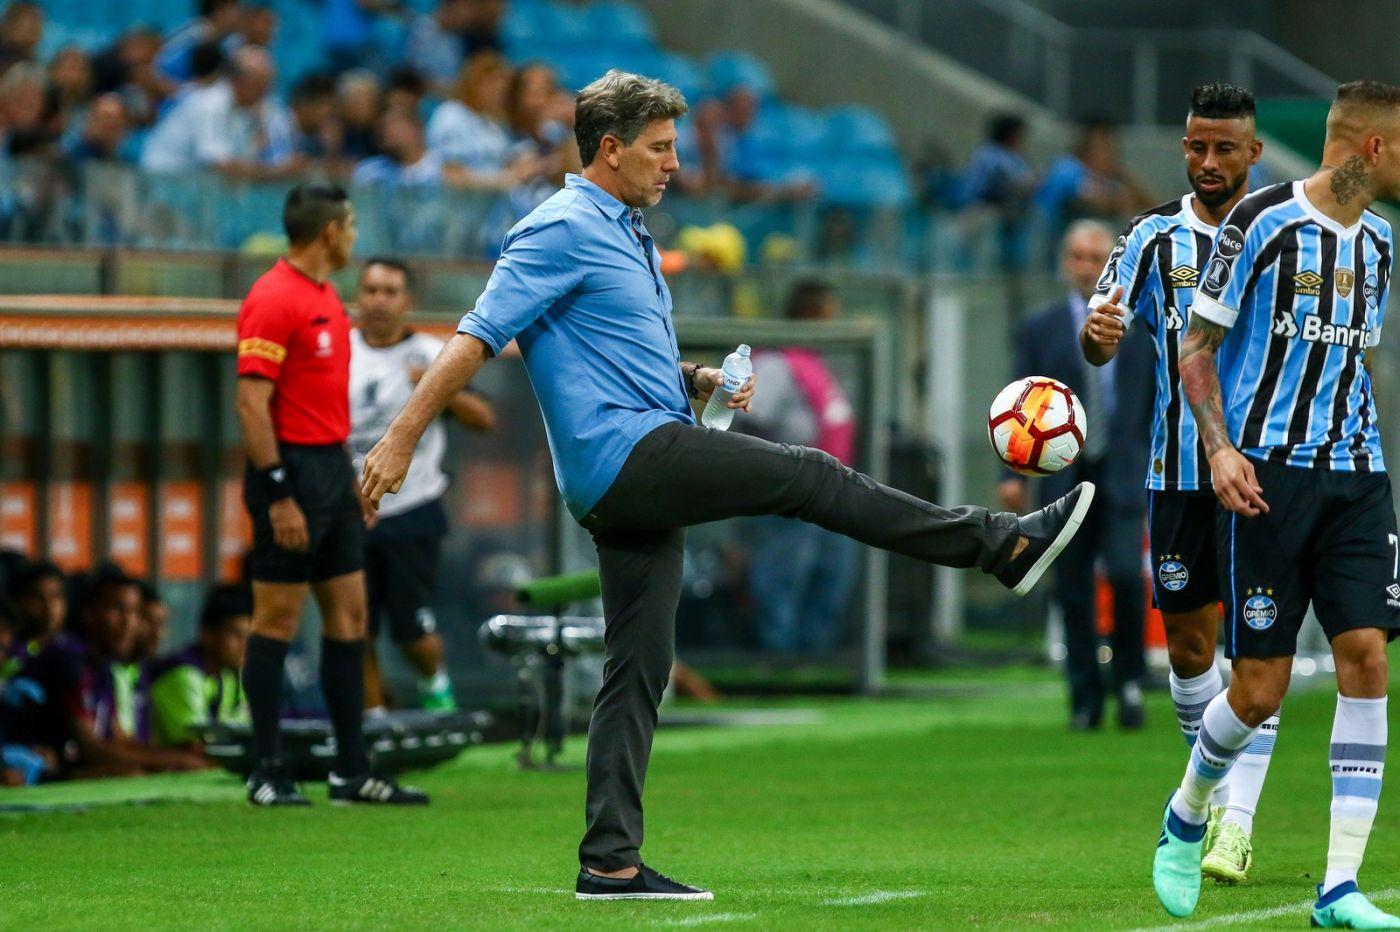 Cruzeiro x Grêmio ao vivo - Saiba onde assistir